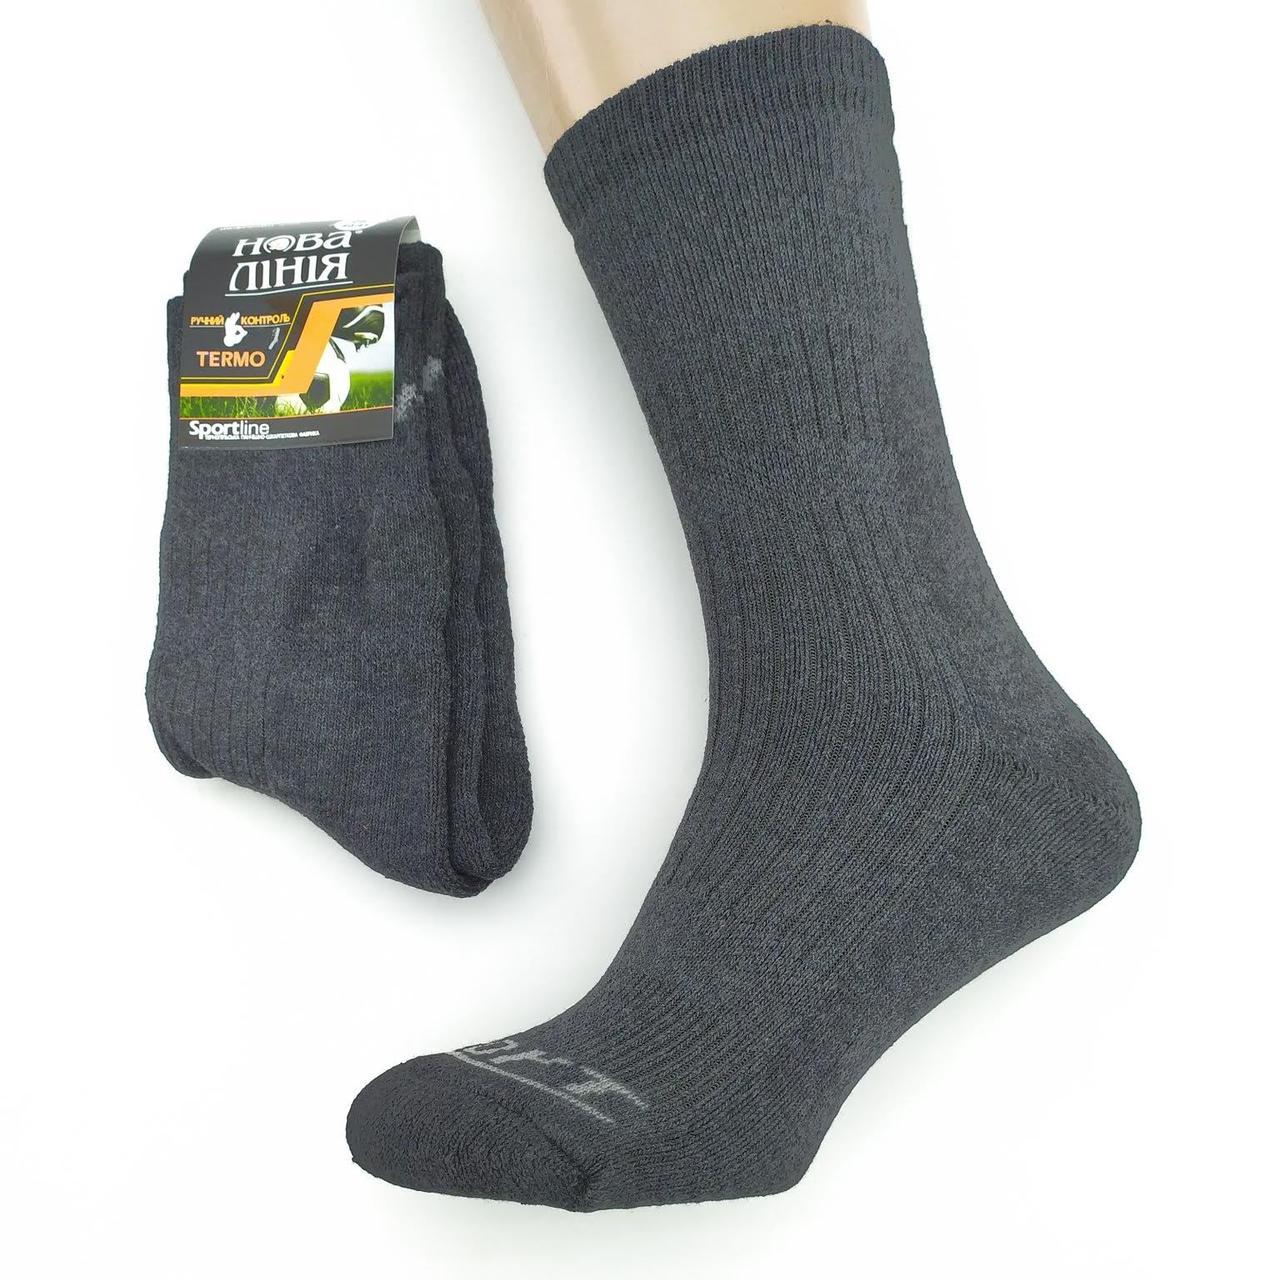 Носки мужские махровые рубчик термо высокие Новая Линия 25р черные 20035914